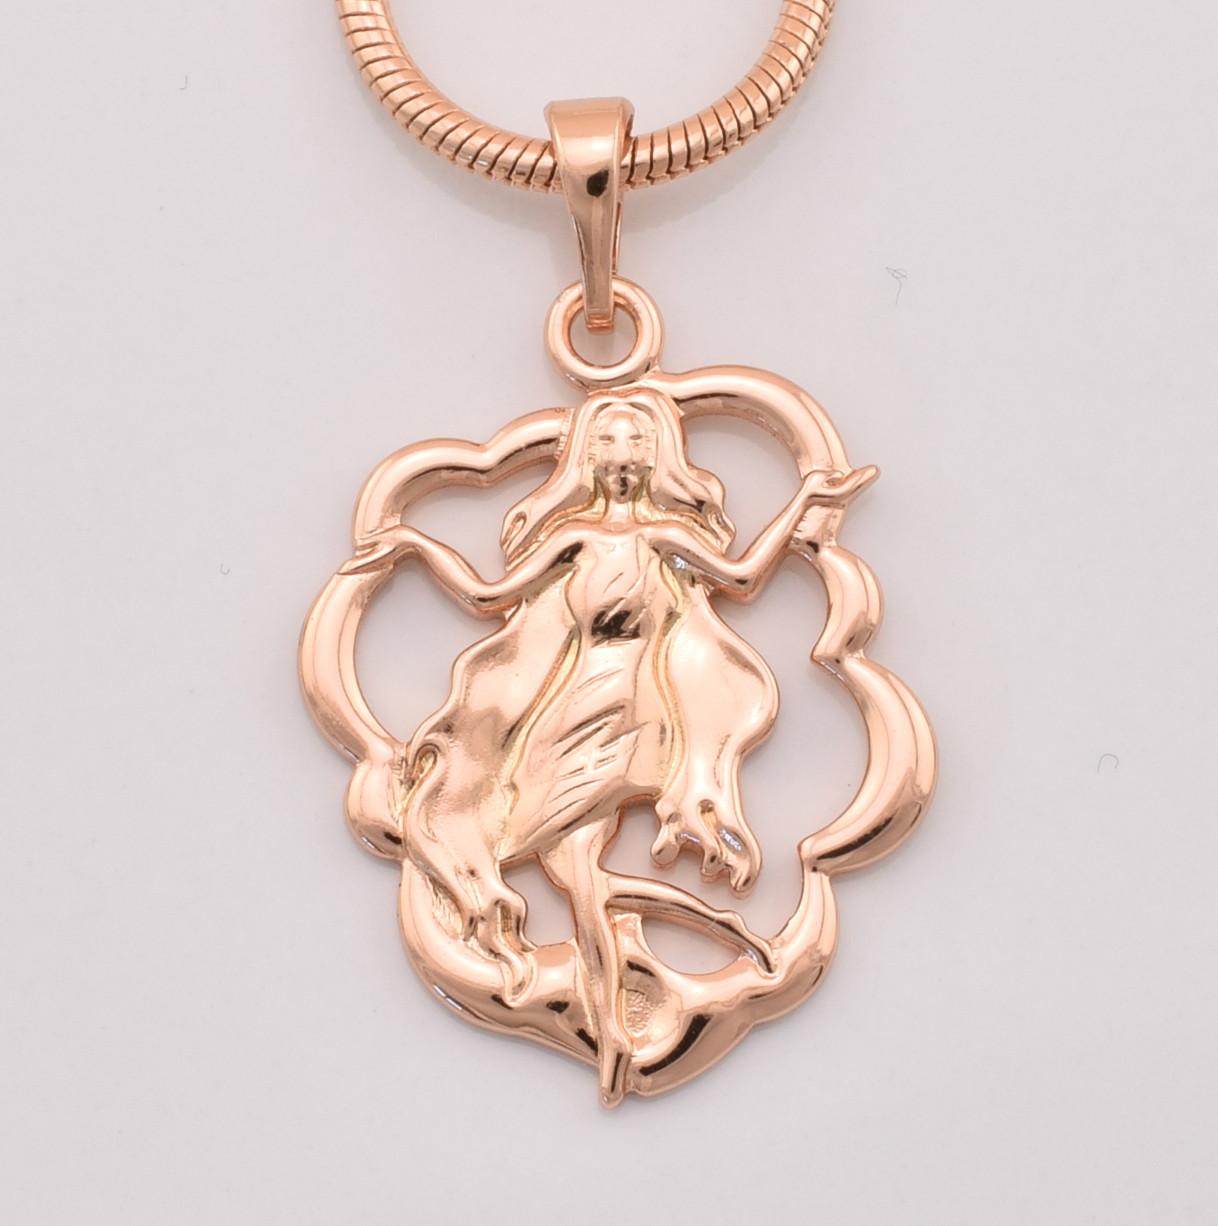 Знак зодиака Дева, 33664, размер 30*19 мм, позолота РО